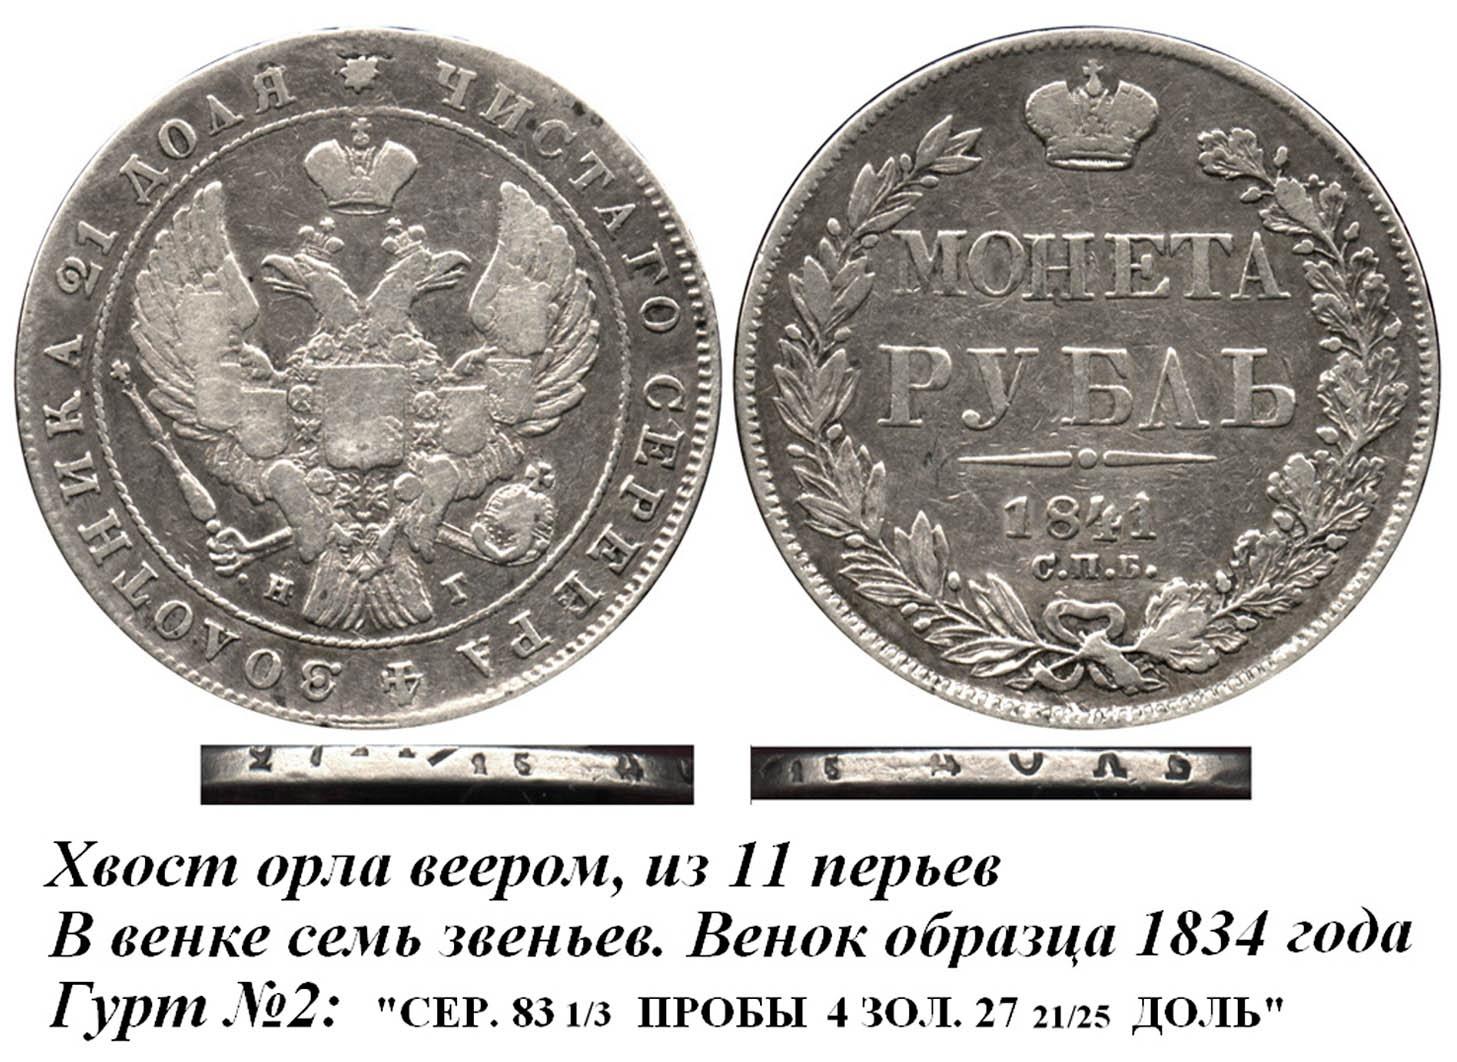 Рубль 1841 СПБ-НГ IV-Г Гурт №2.jpg